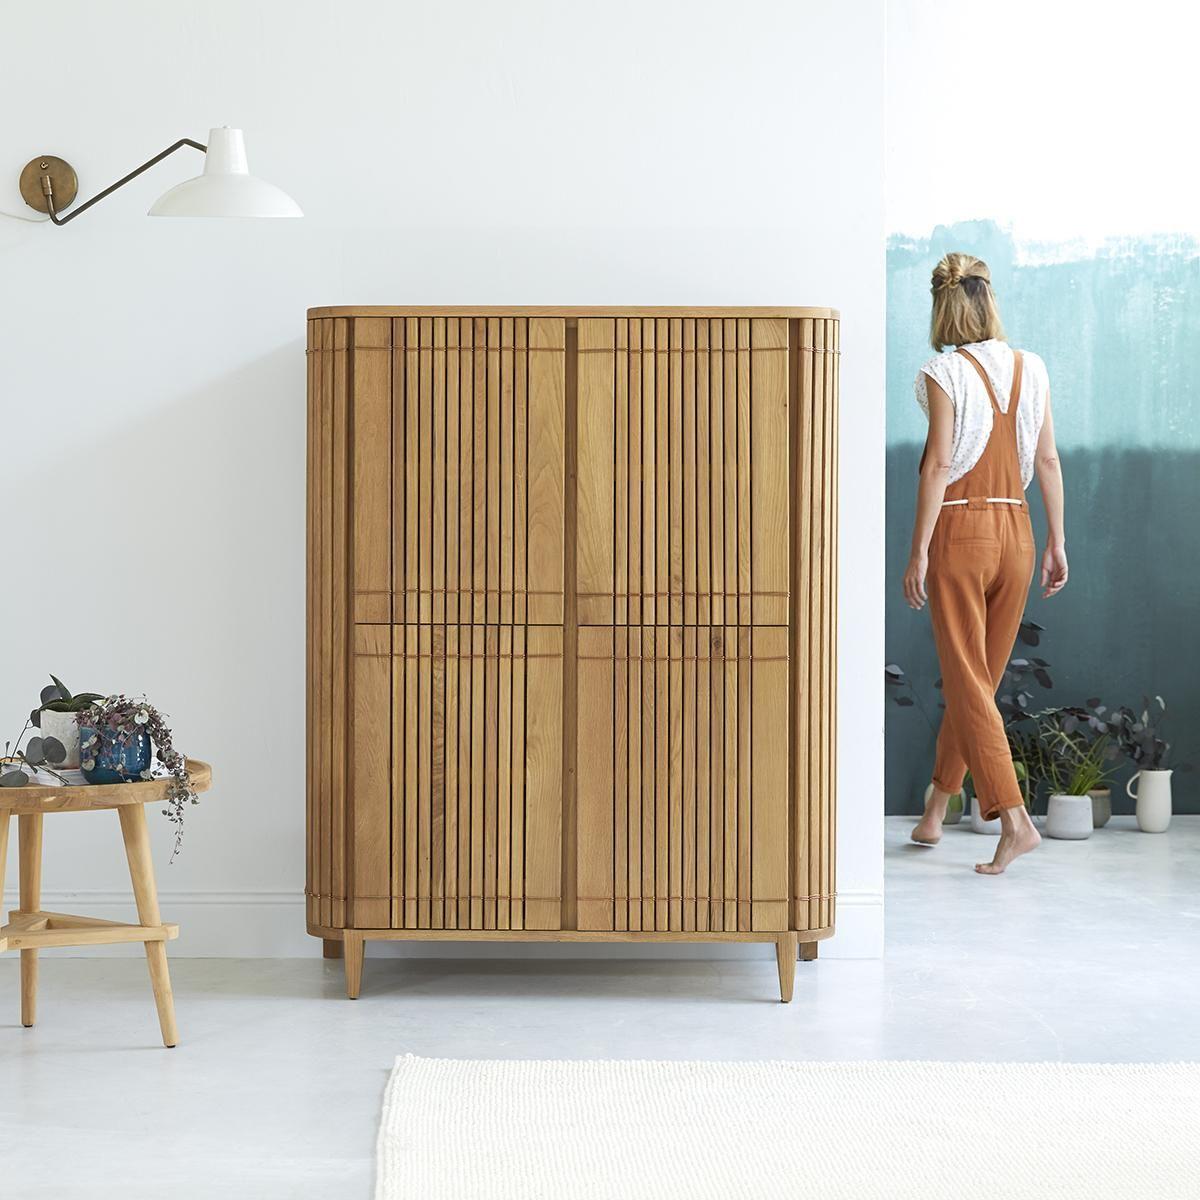 Oak Dresser 145 Cm Living Room Storage Furniture En 2020 Meuble Rangement Armoire Rangement Mobilier De Salon